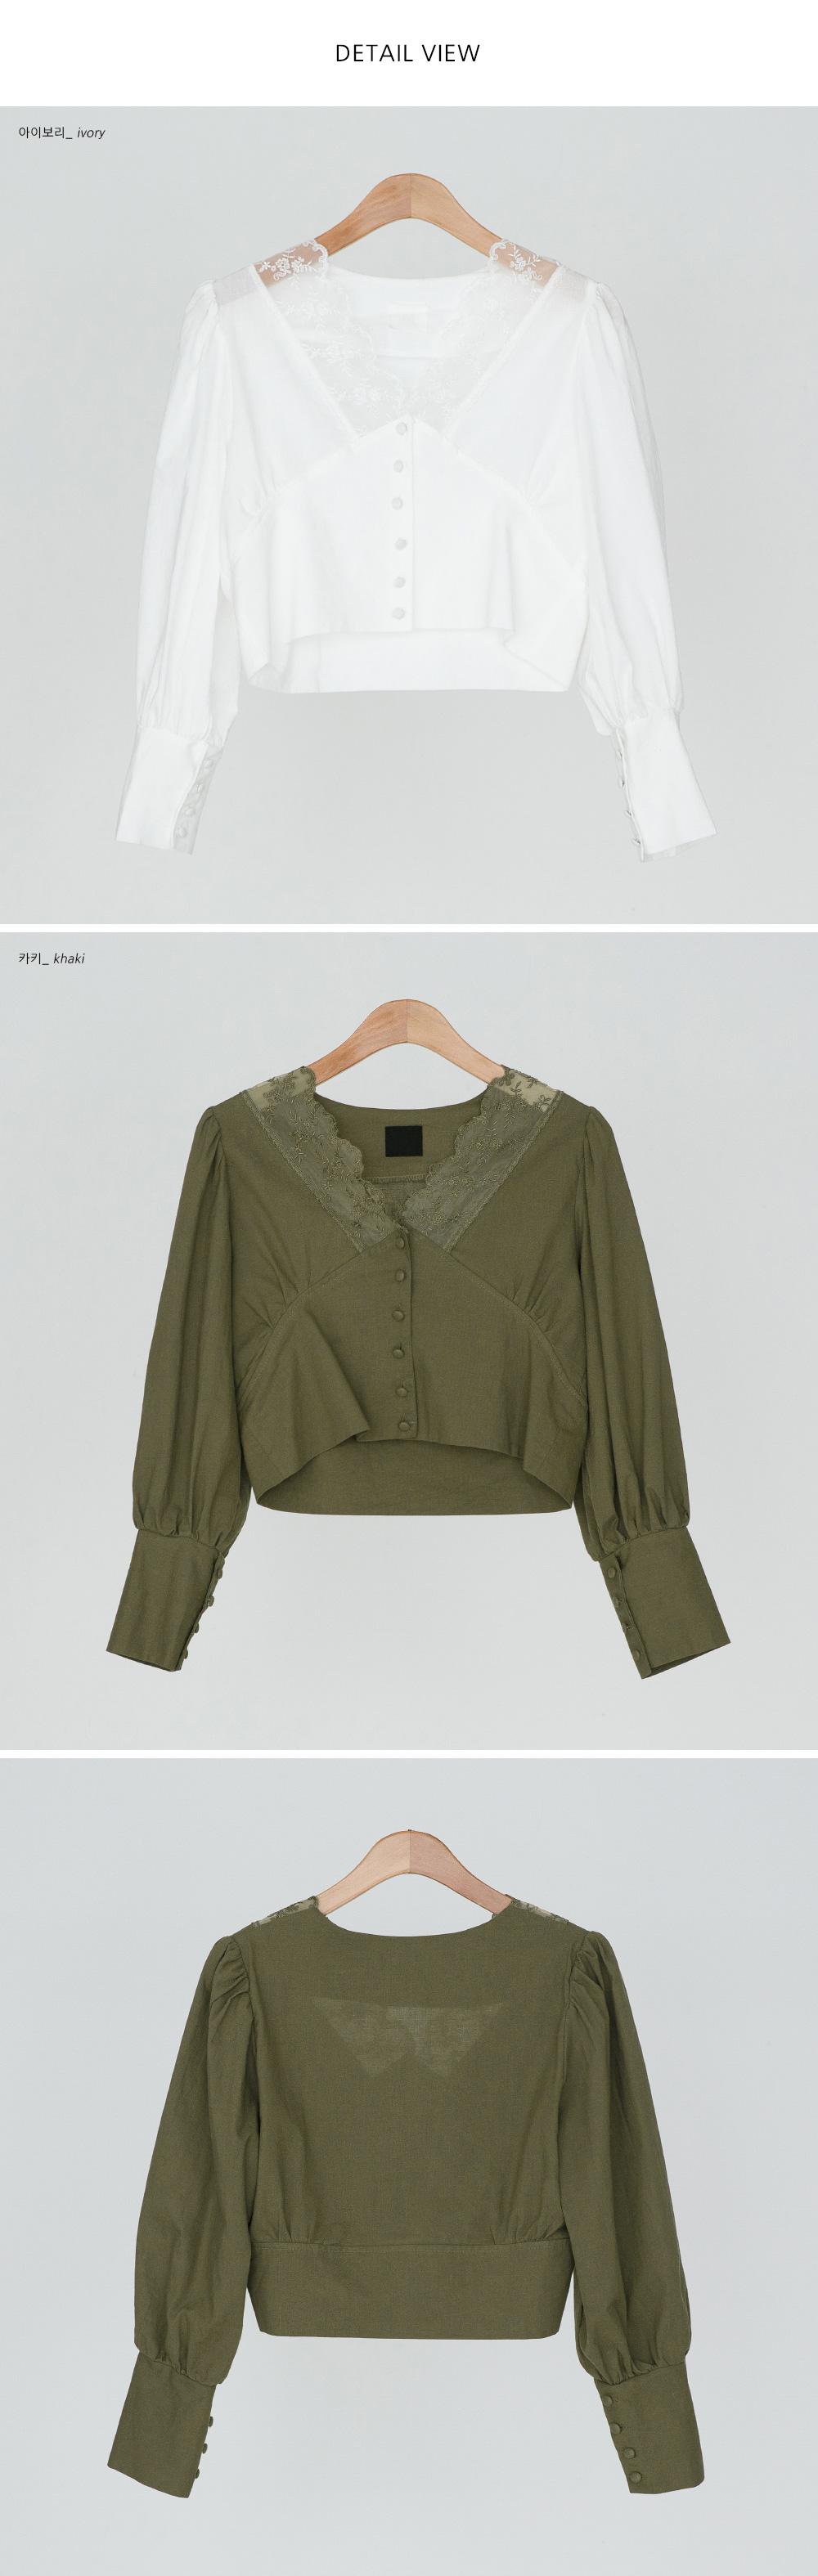 Feminine lace crop blouse-bl